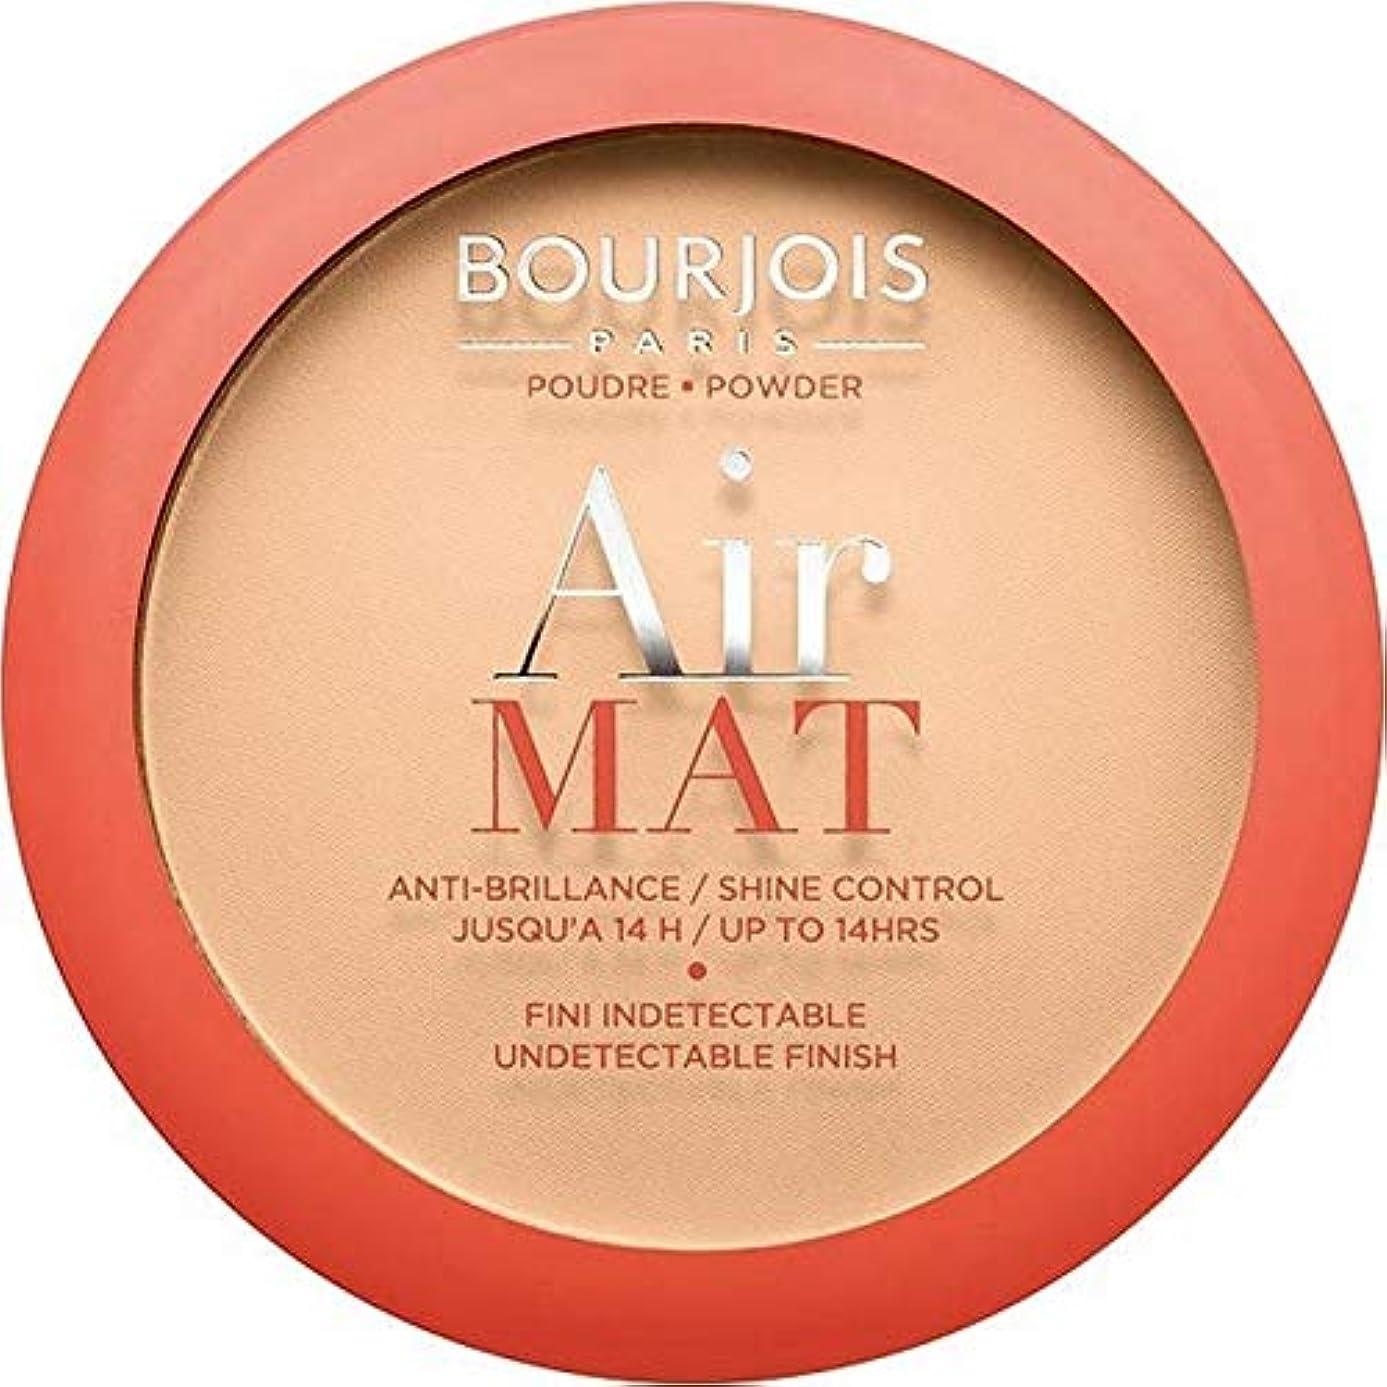 孤独な抑圧持ってる[Bourjois ] ブルジョワ空気マット圧粉 - ライトベージュ - Bourjois Air Mat Pressed Powder - Light Beige [並行輸入品]